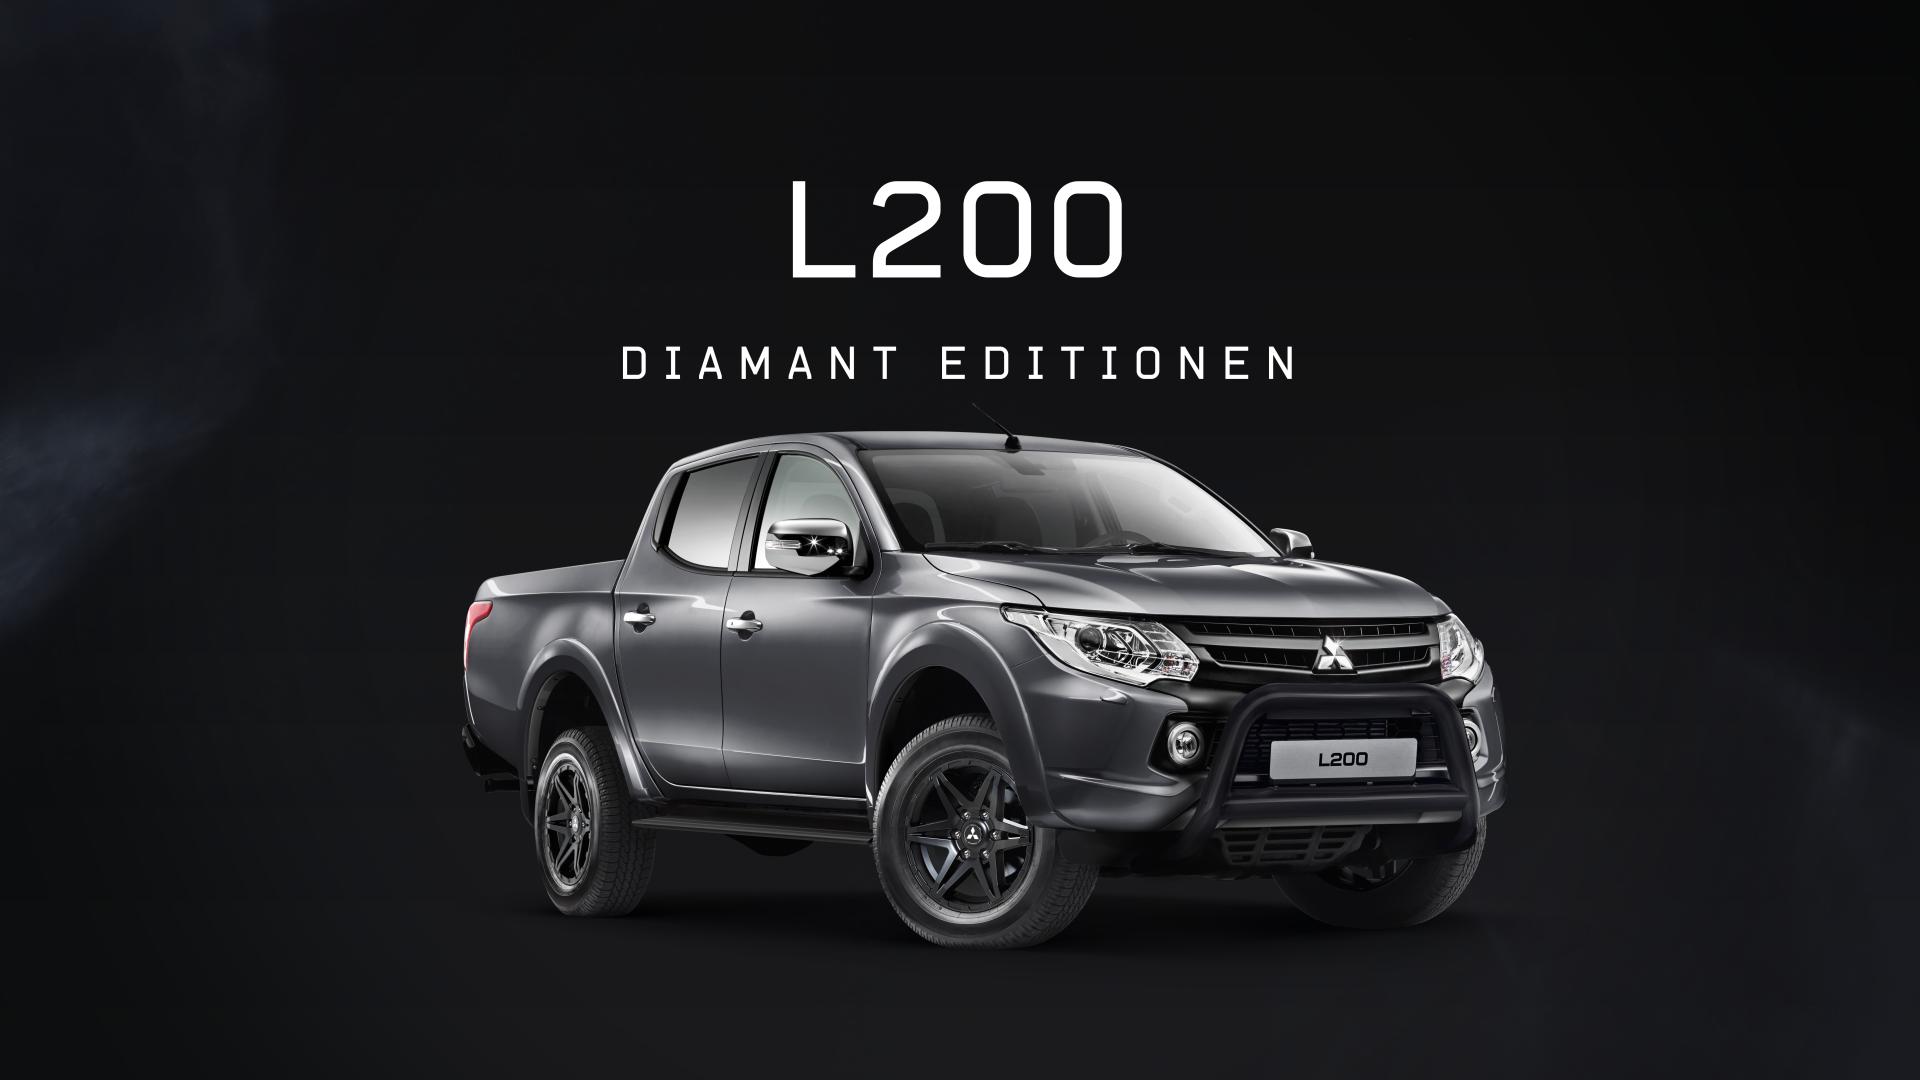 blokstudio Automobile Mitsubishi Diamant Edition L200